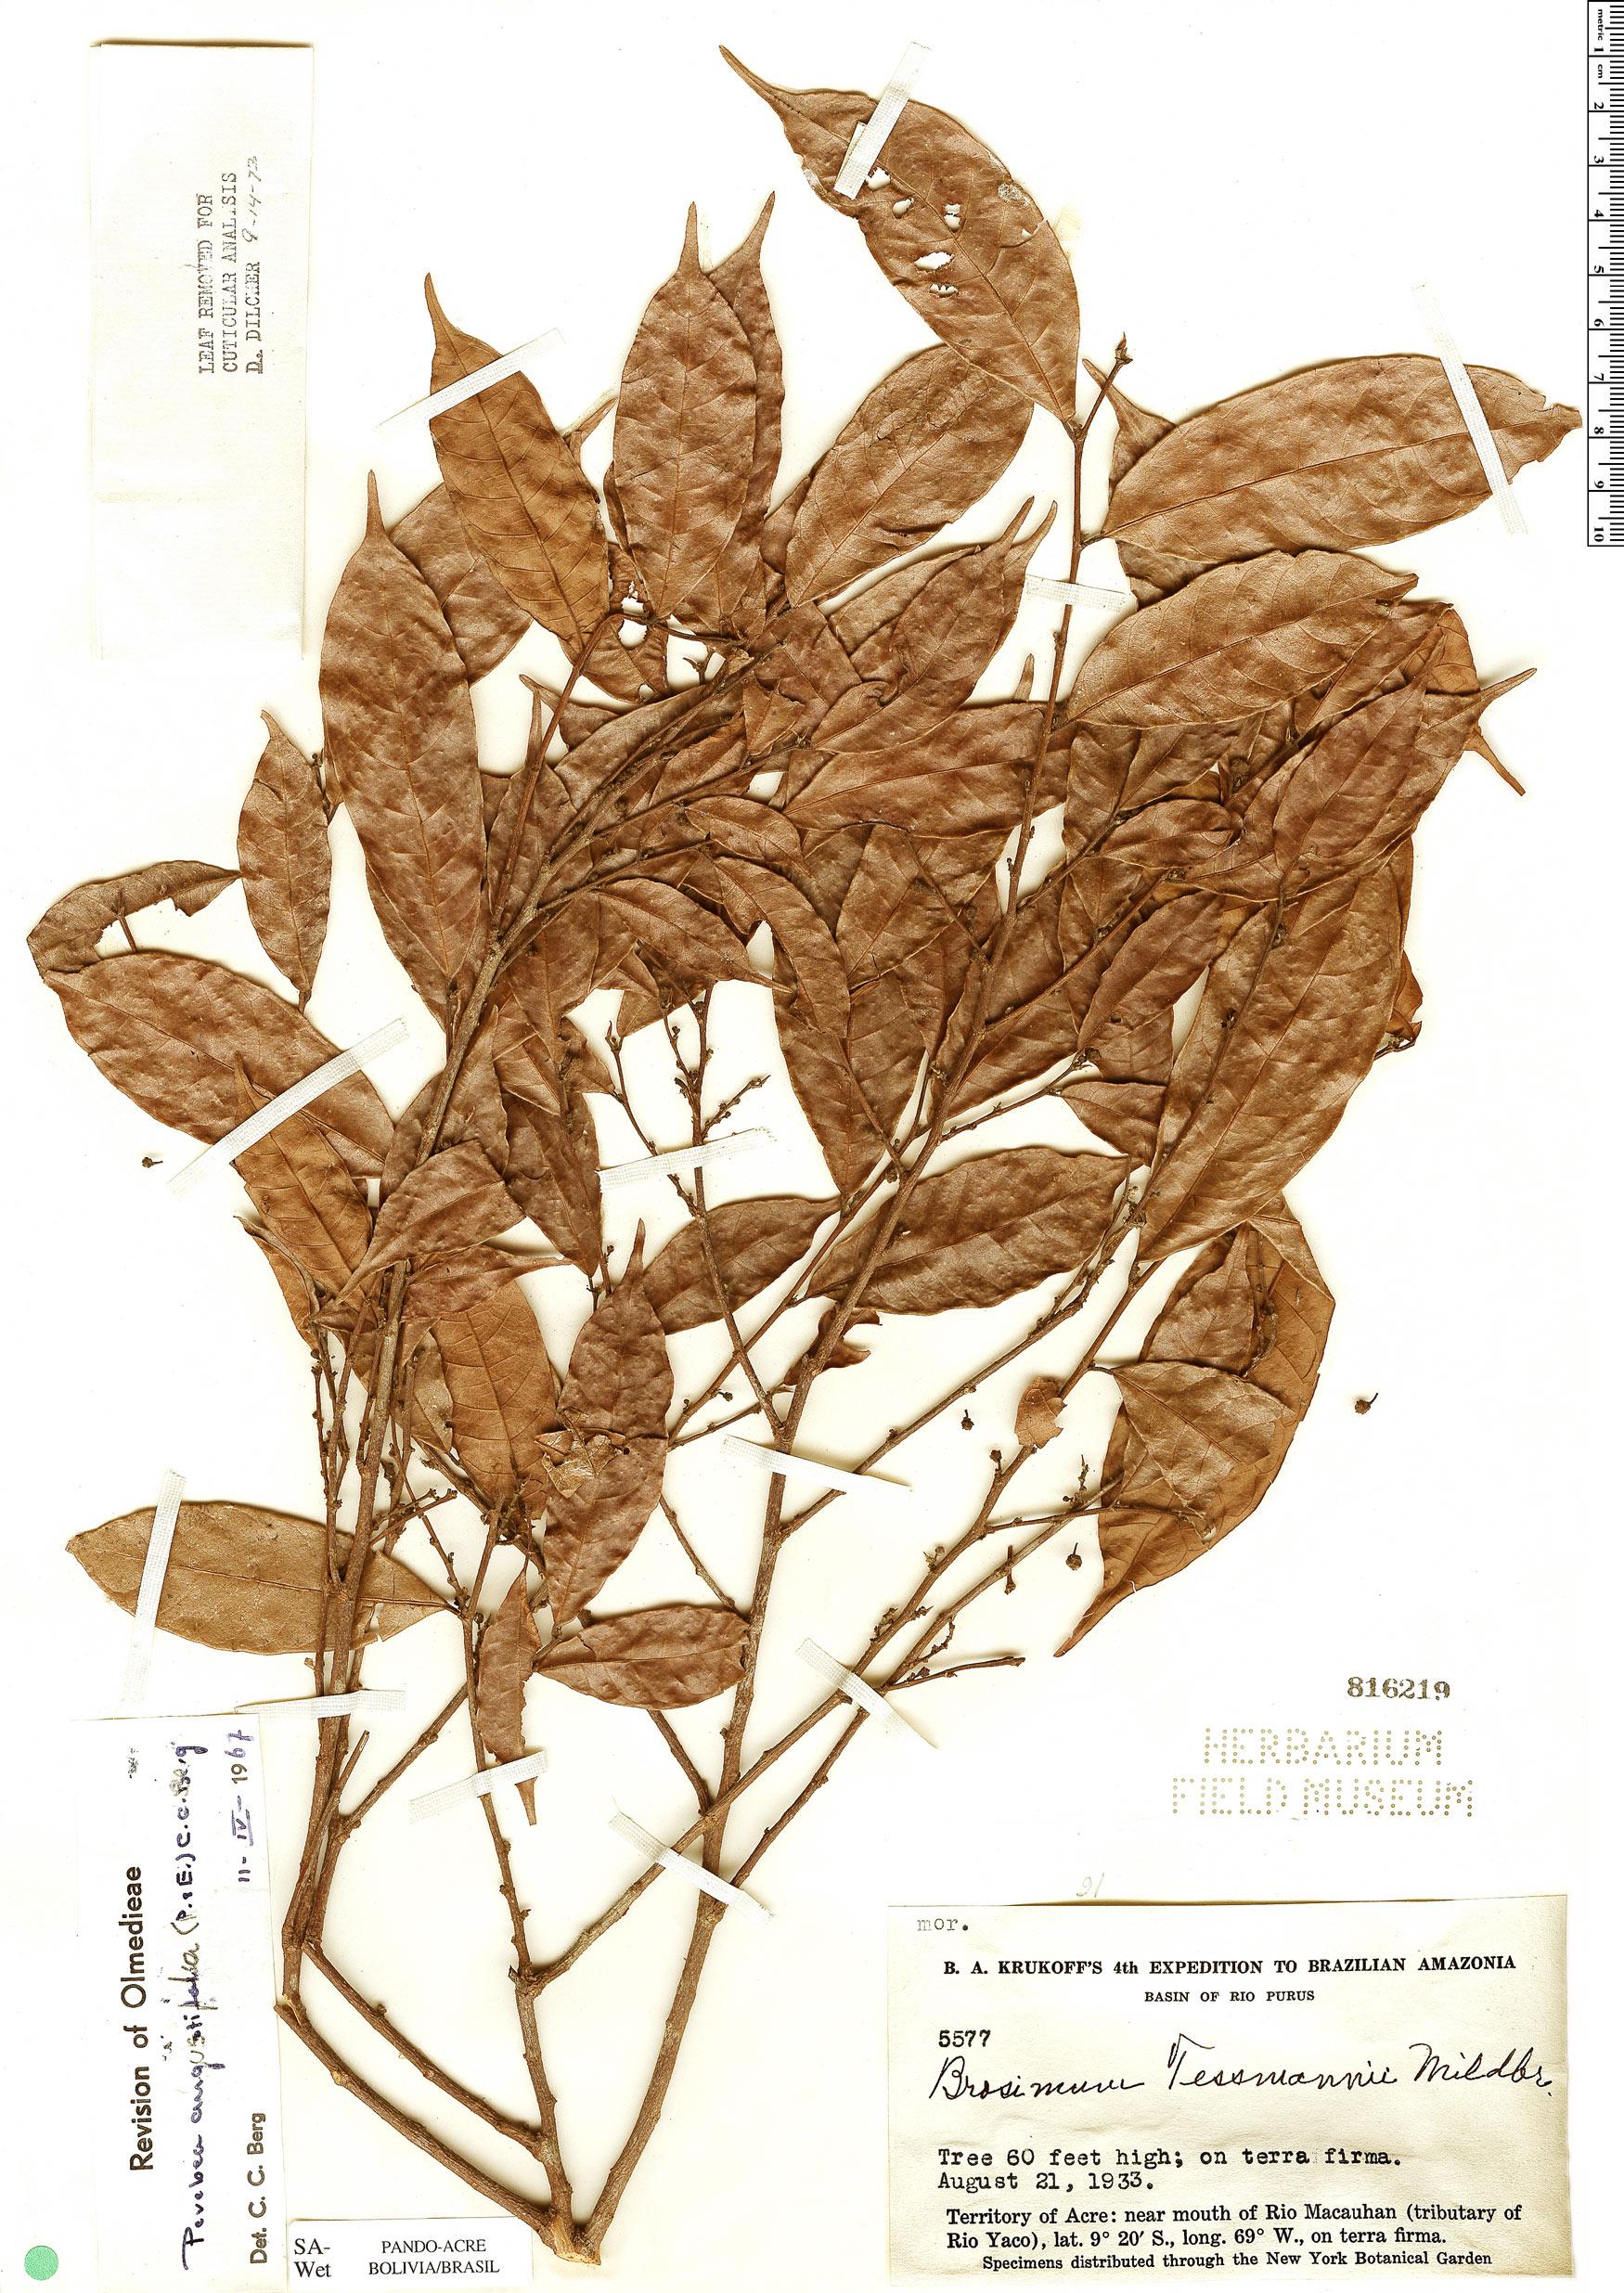 Specimen: Perebea angustifolia